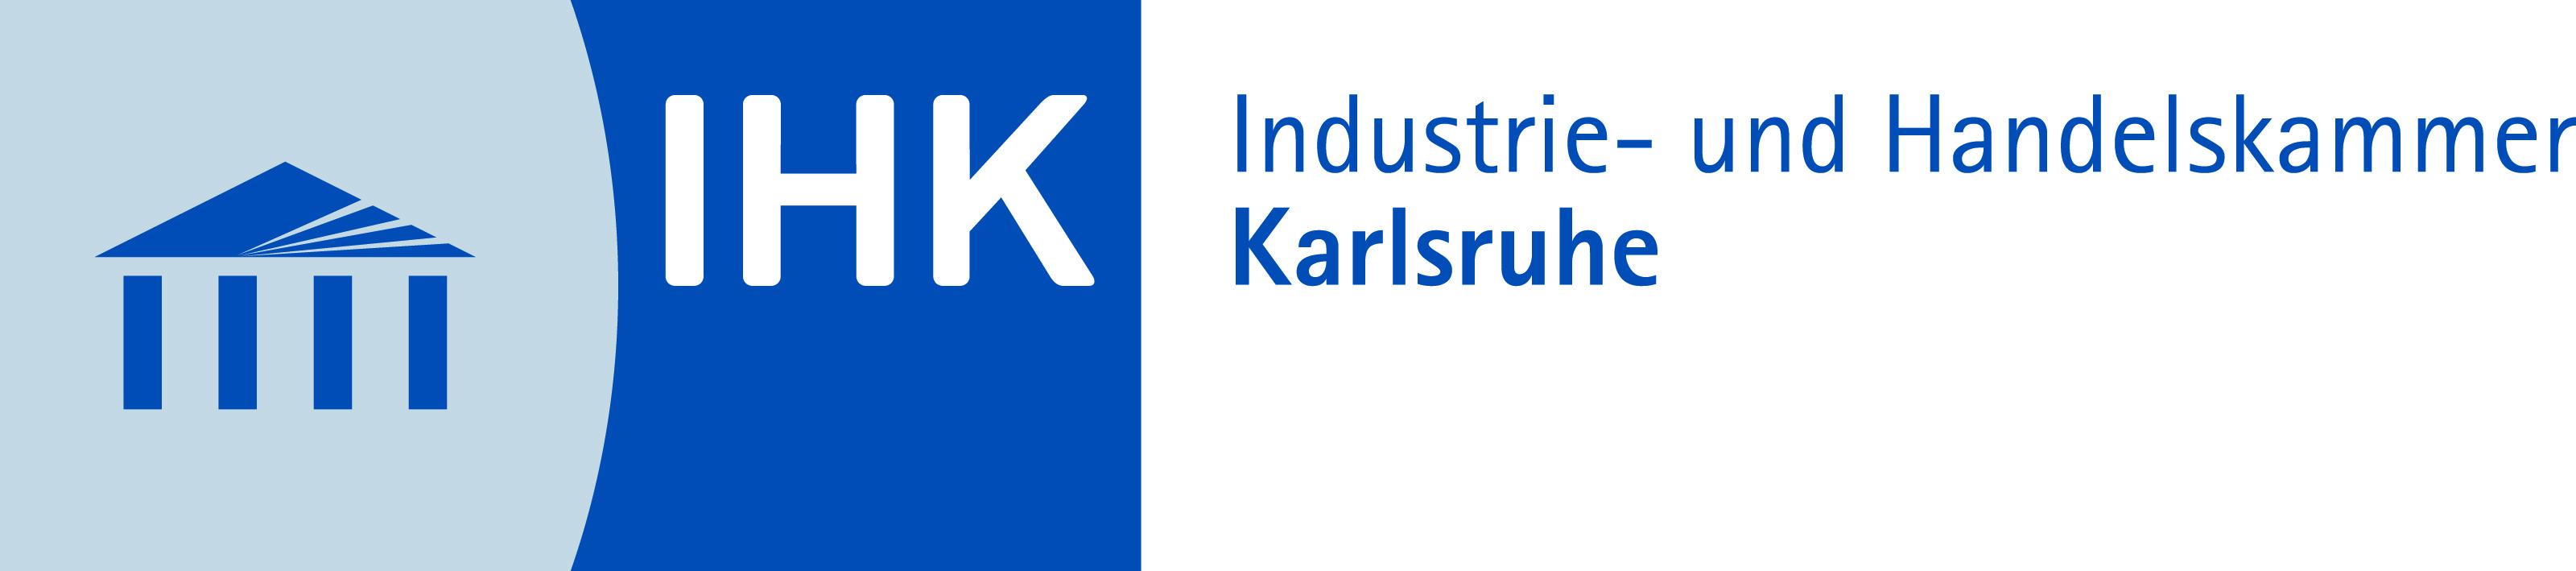 Logo der IHK Region Karlsruhe, Partner IOT und KI im Mittelstand